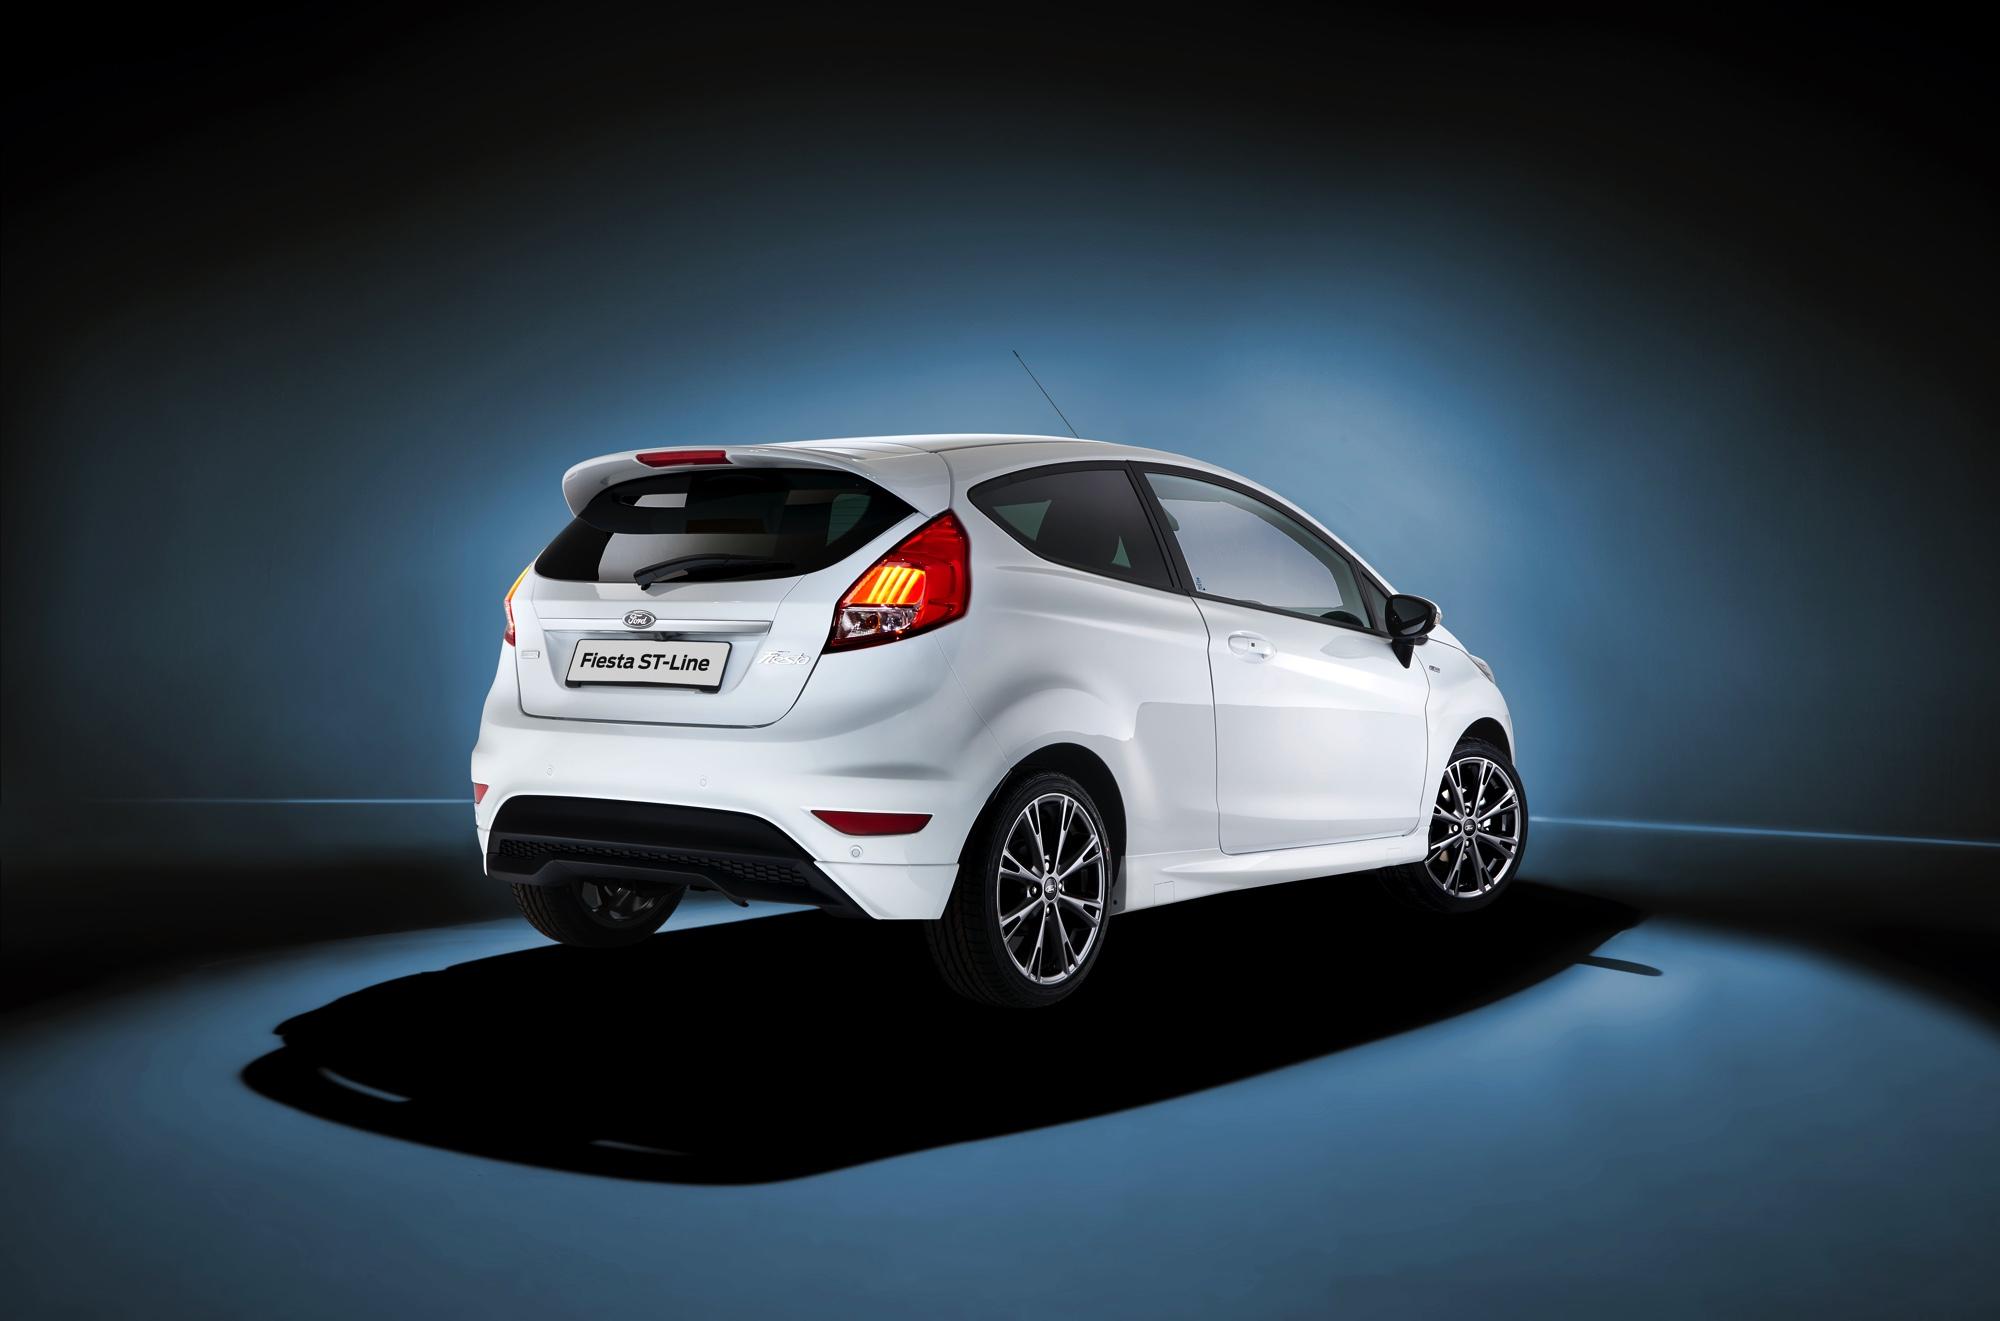 Ford Fiesta ST-Line -3- Autovisie.nl